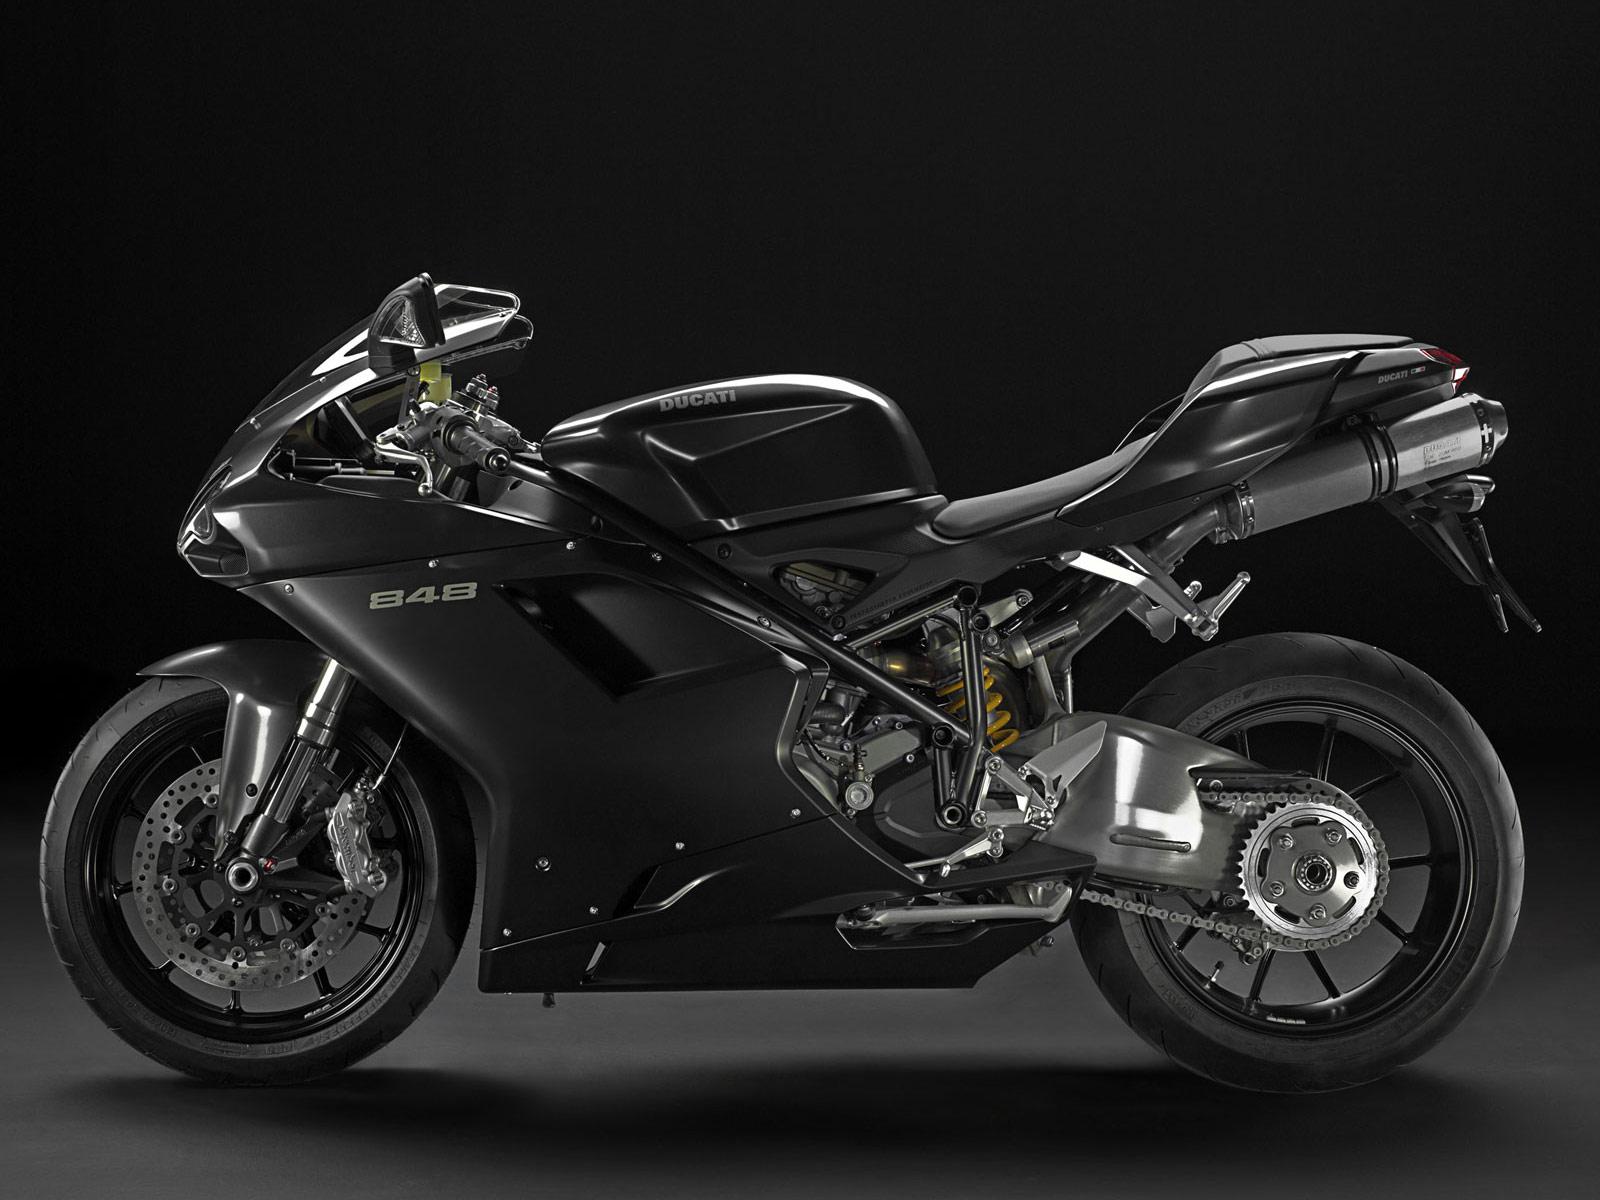 http://1.bp.blogspot.com/_ja0nvj5Jato/S6rwlXtLF-I/AAAAAAAAFjY/F4i1cJgIB8w/s1600/Ducati-848_2010_1.jpg